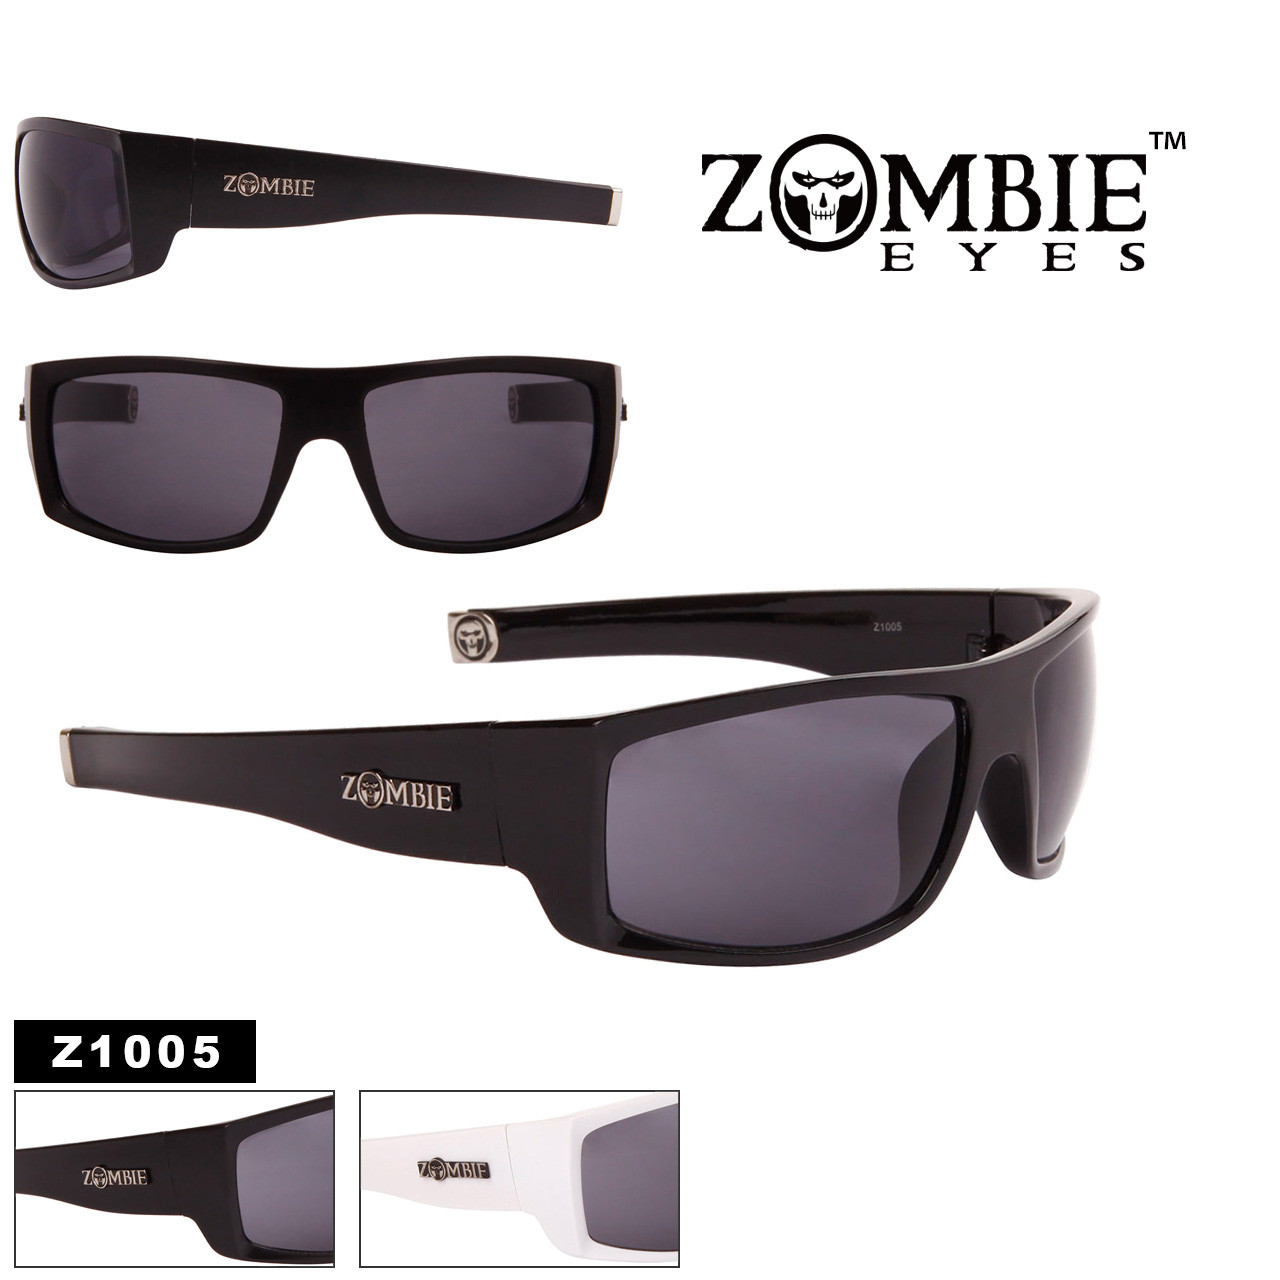 Zombie Eyes™ Designer Sunglasses for Men - Style #Z1005